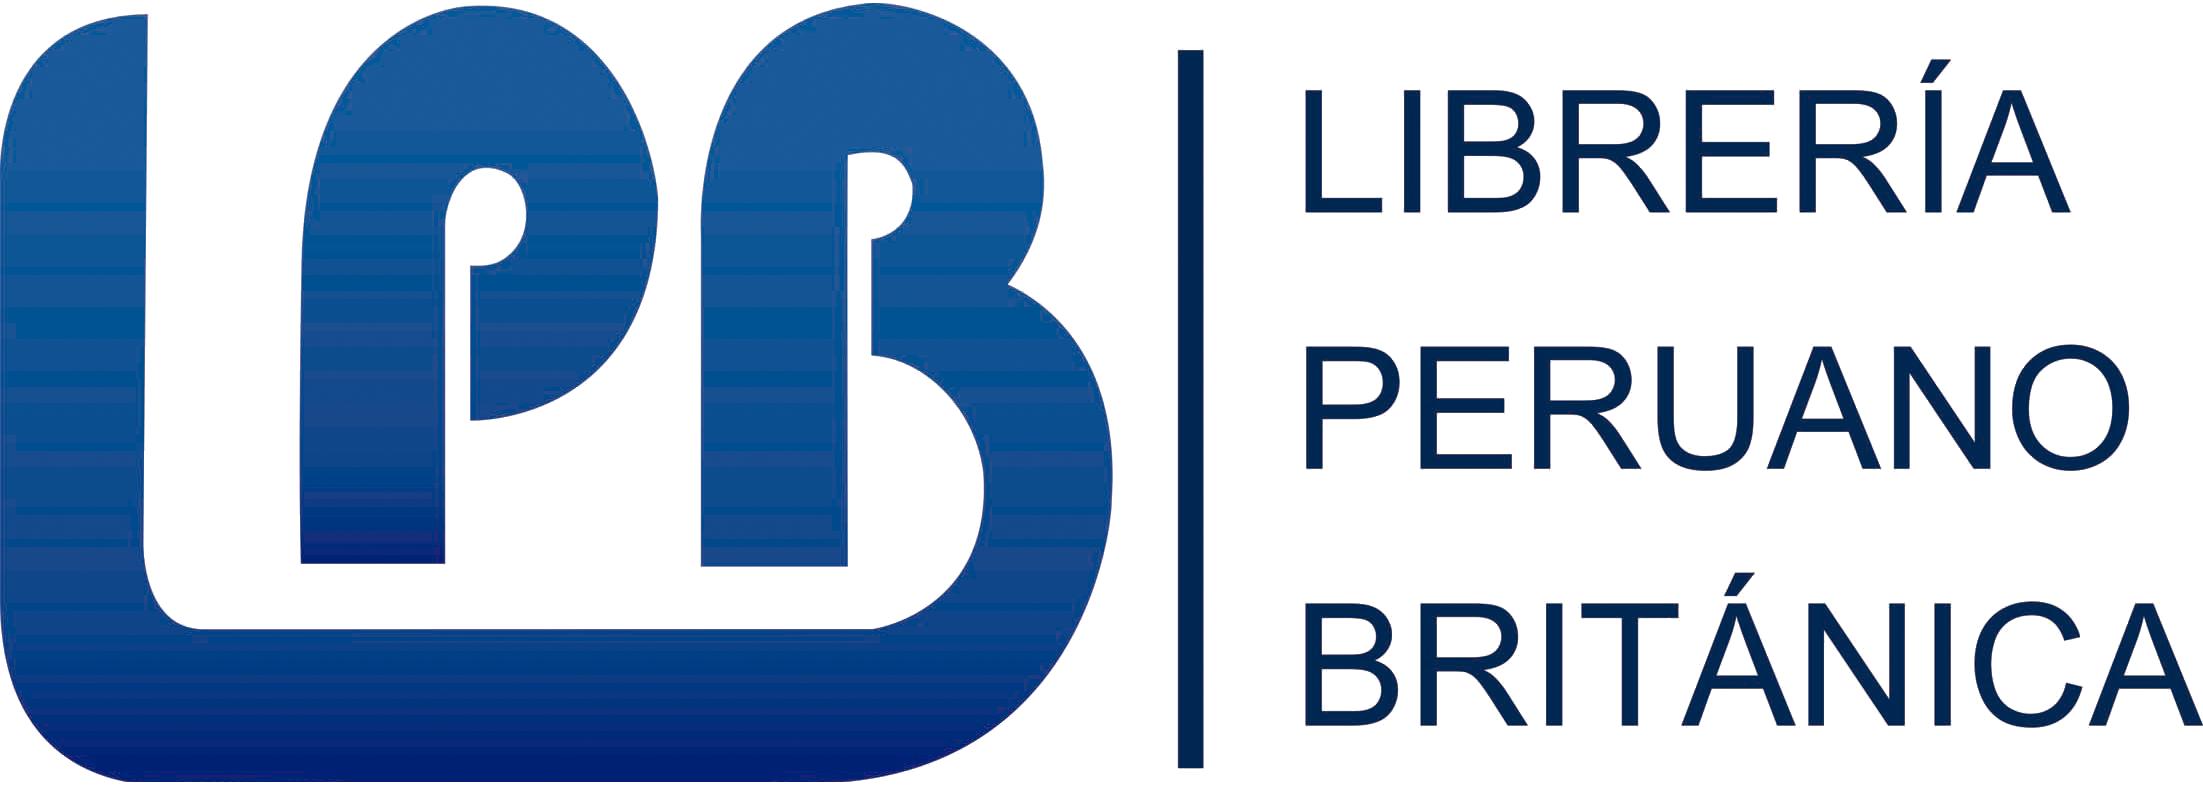 Librería Peruano Británica